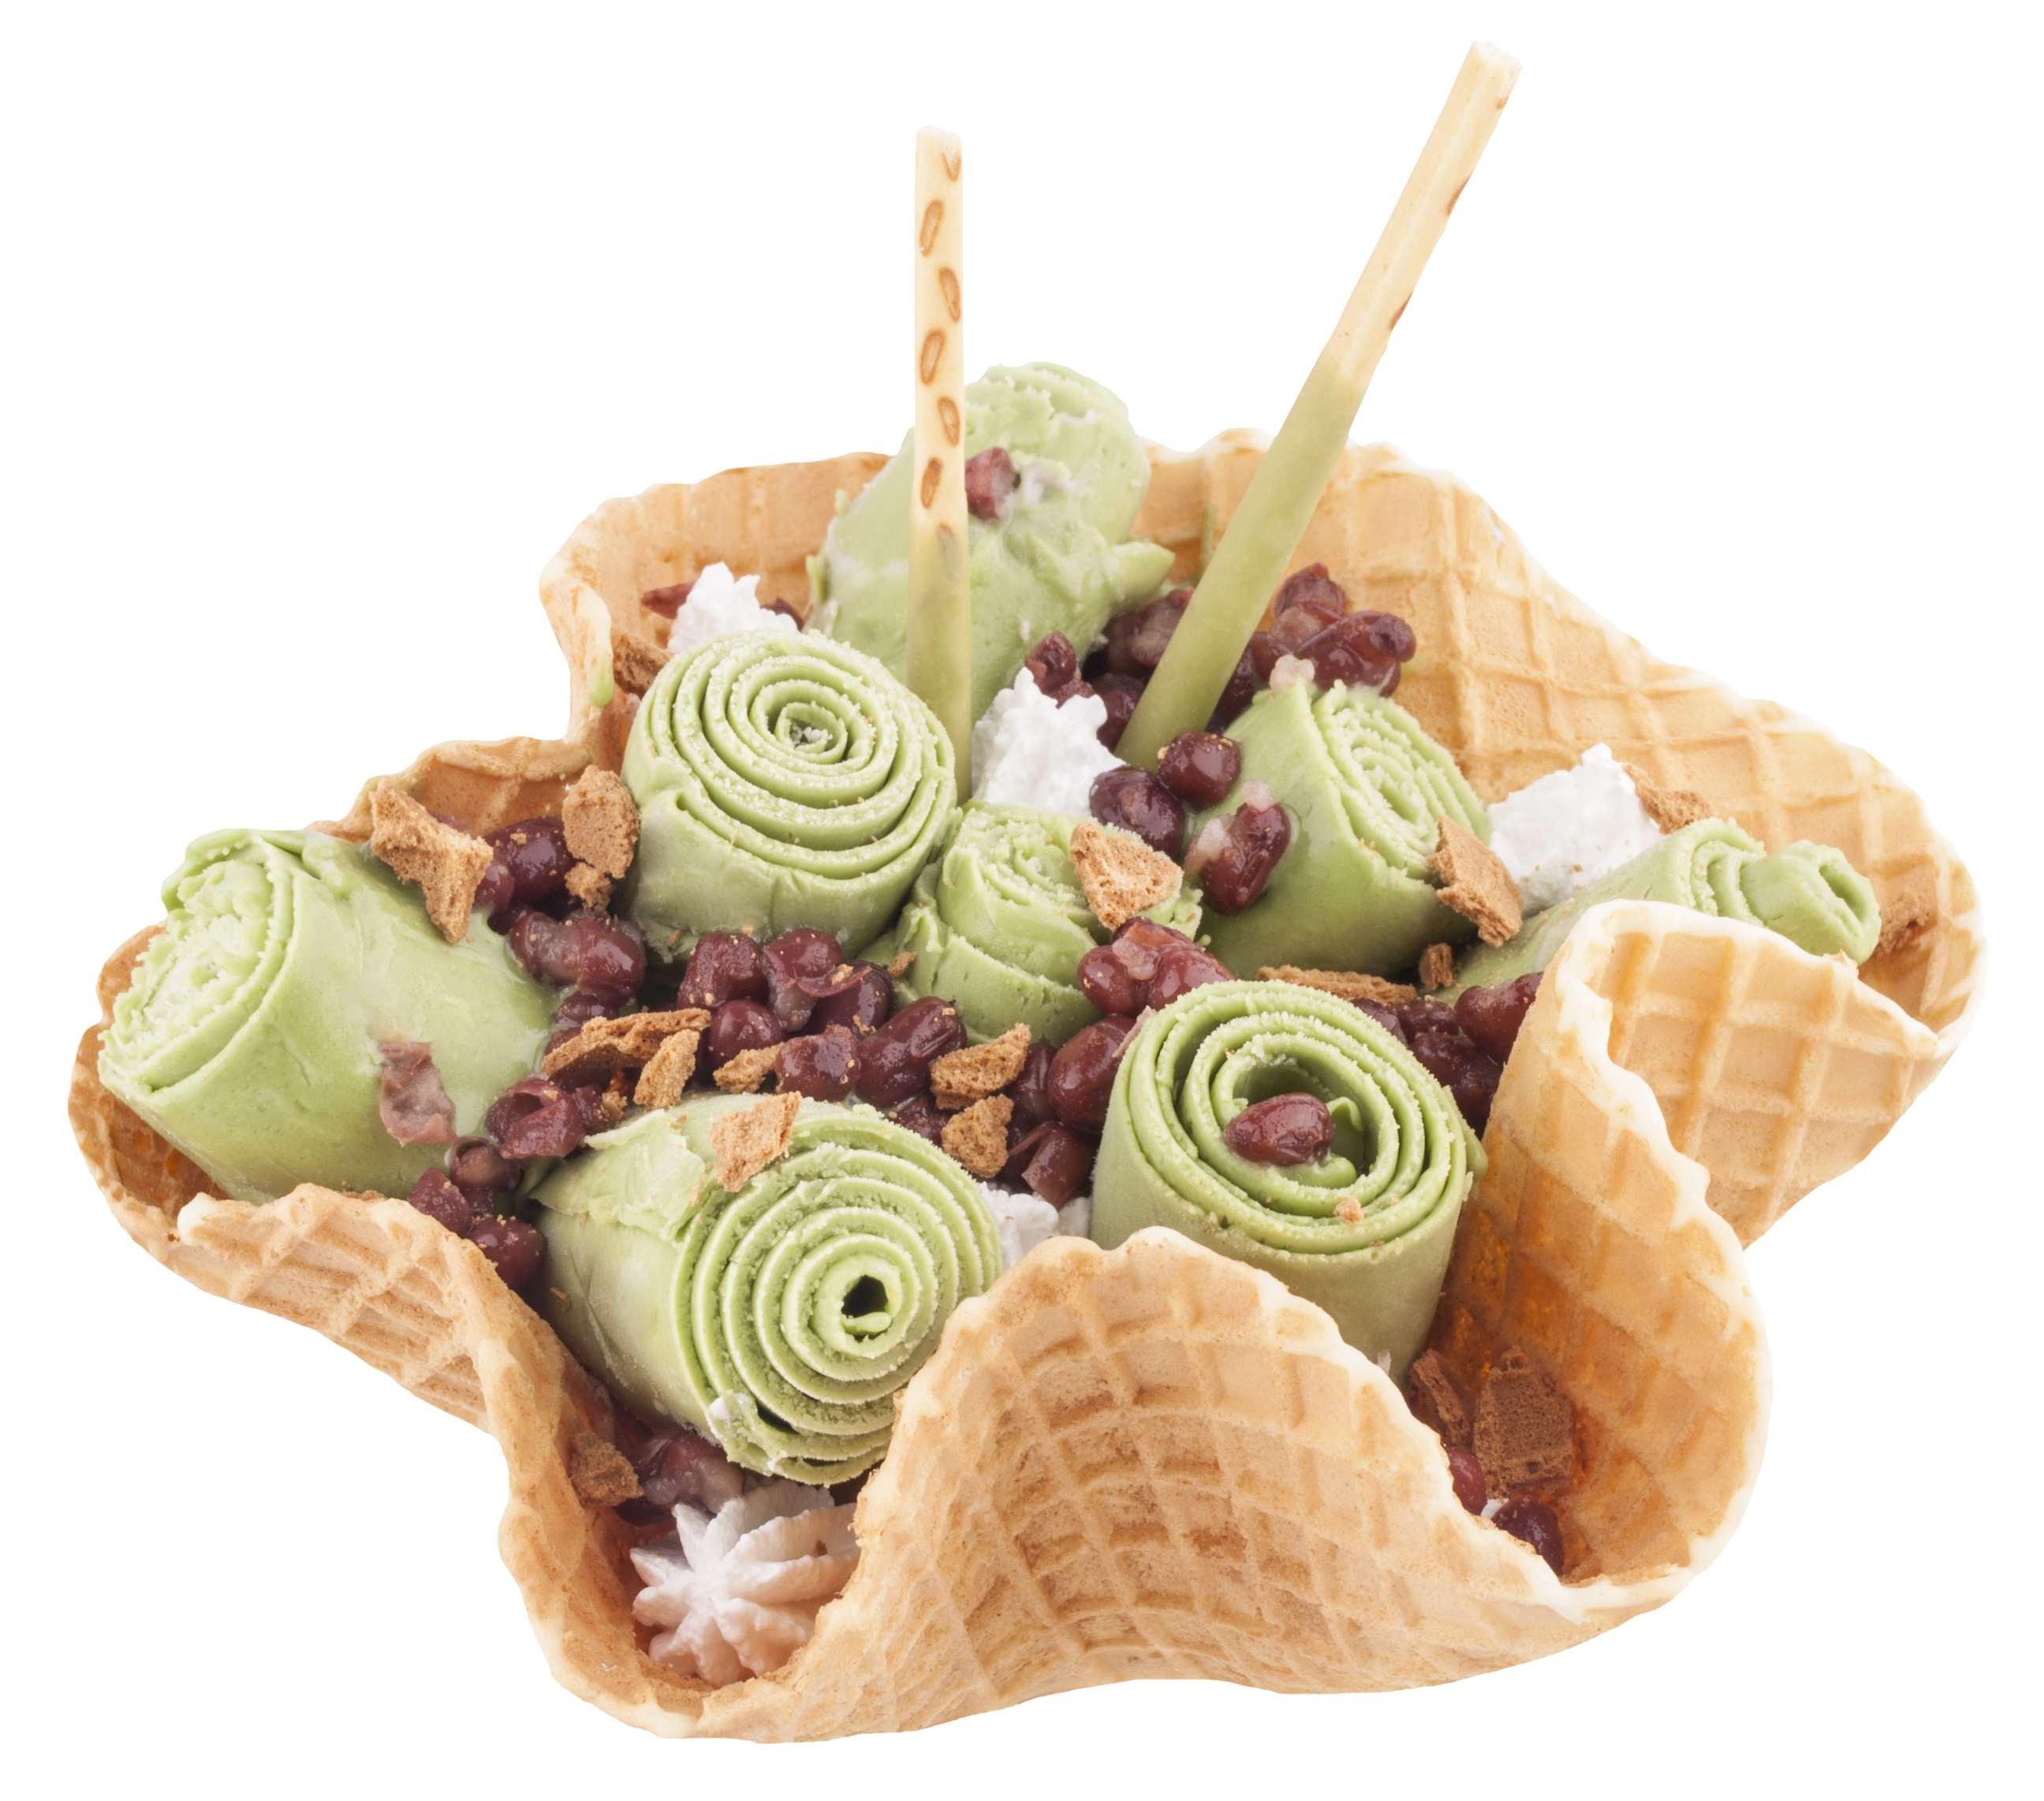 卷起来吃的冰淇淋,健康美味养颜低脂